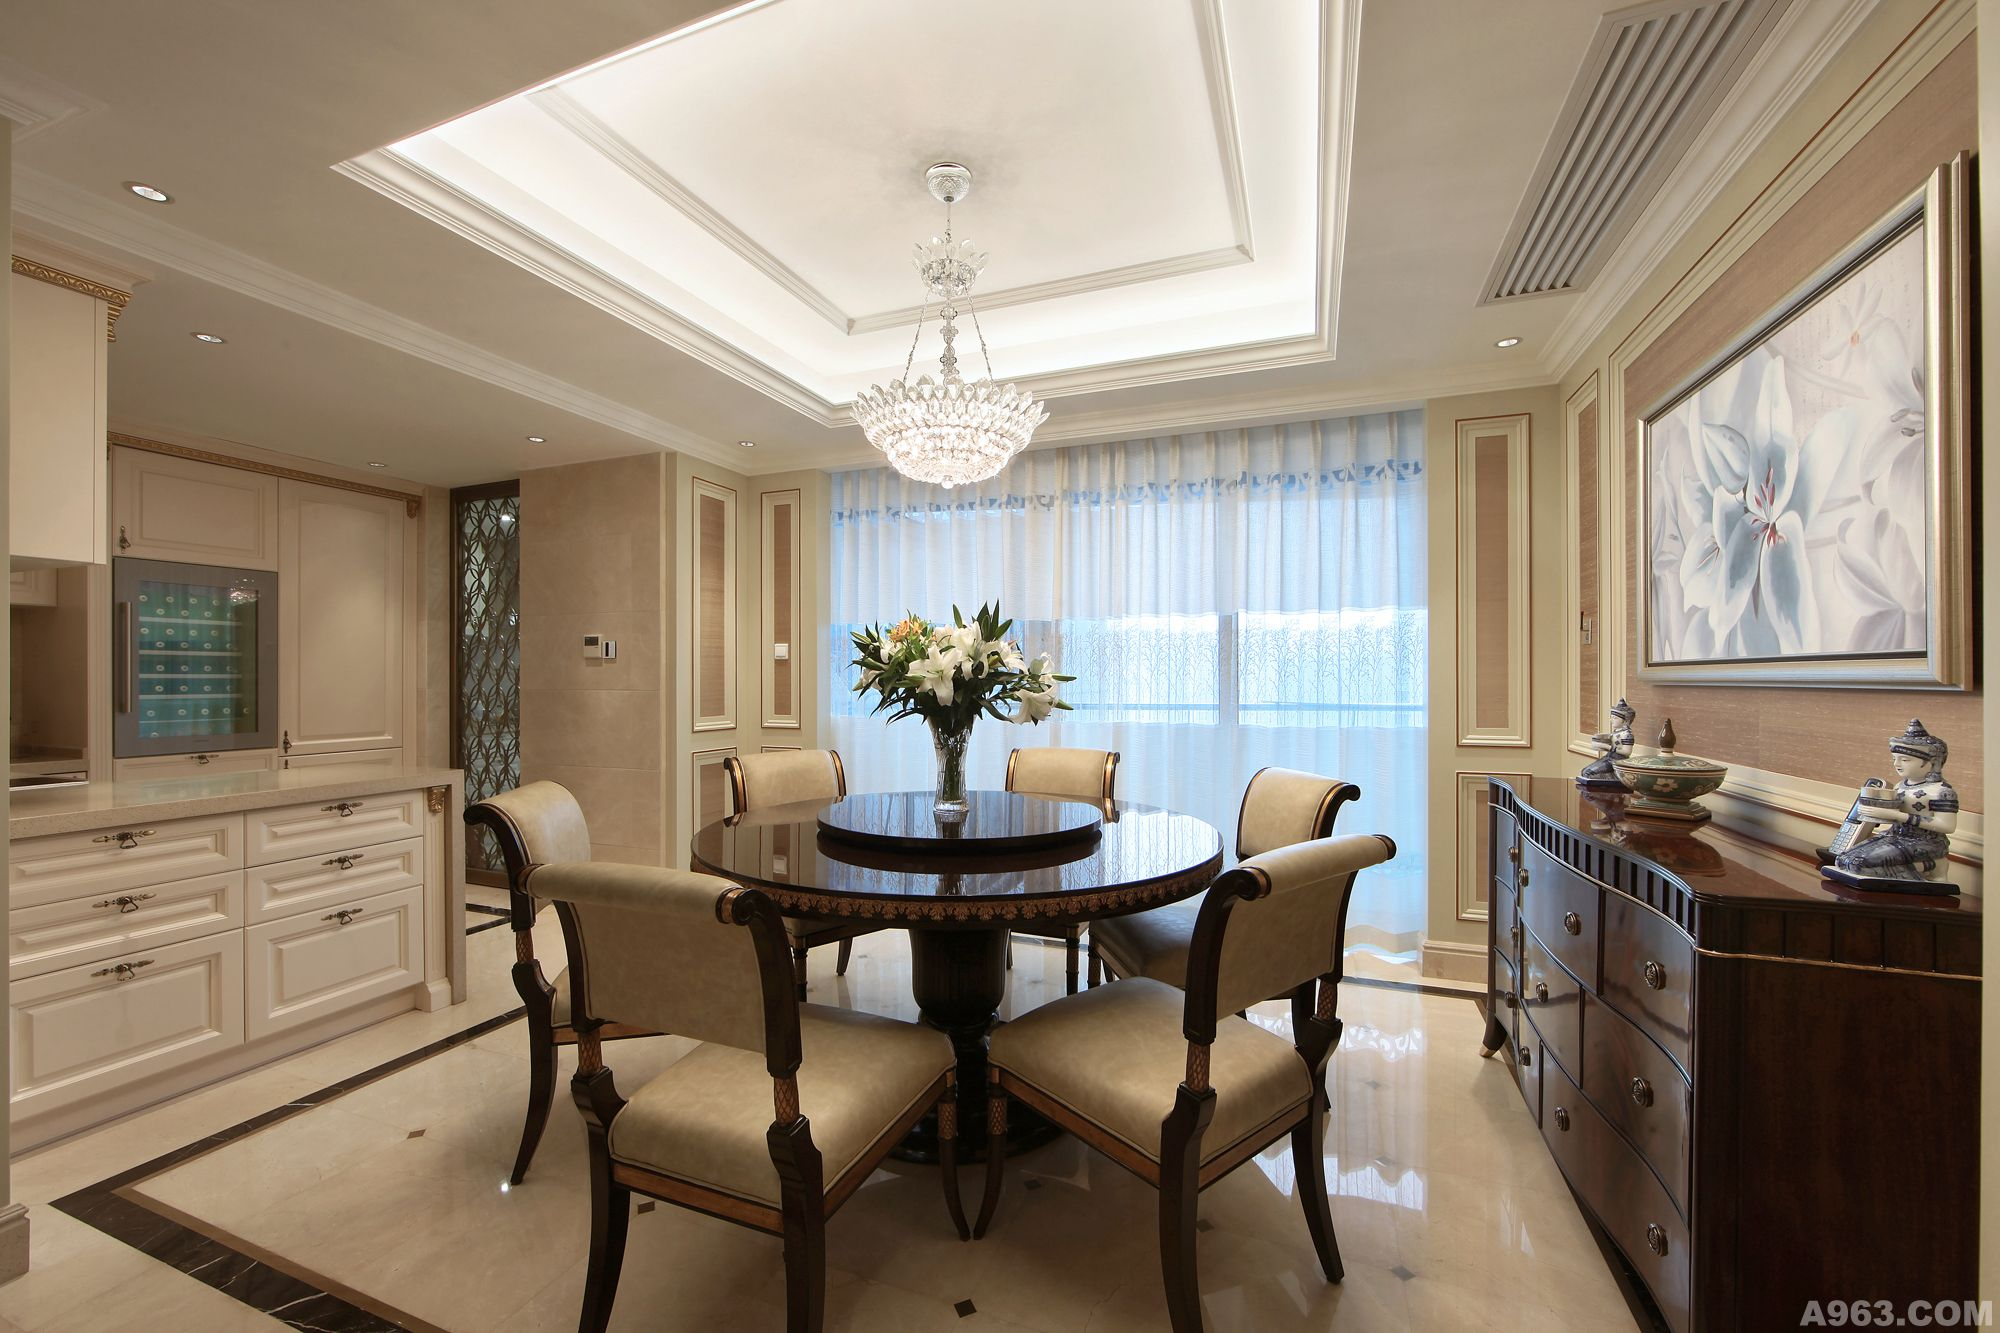 华丽的欧式大床,独立的衣帽间和卫生间,突出了空间精致高雅的气氛.